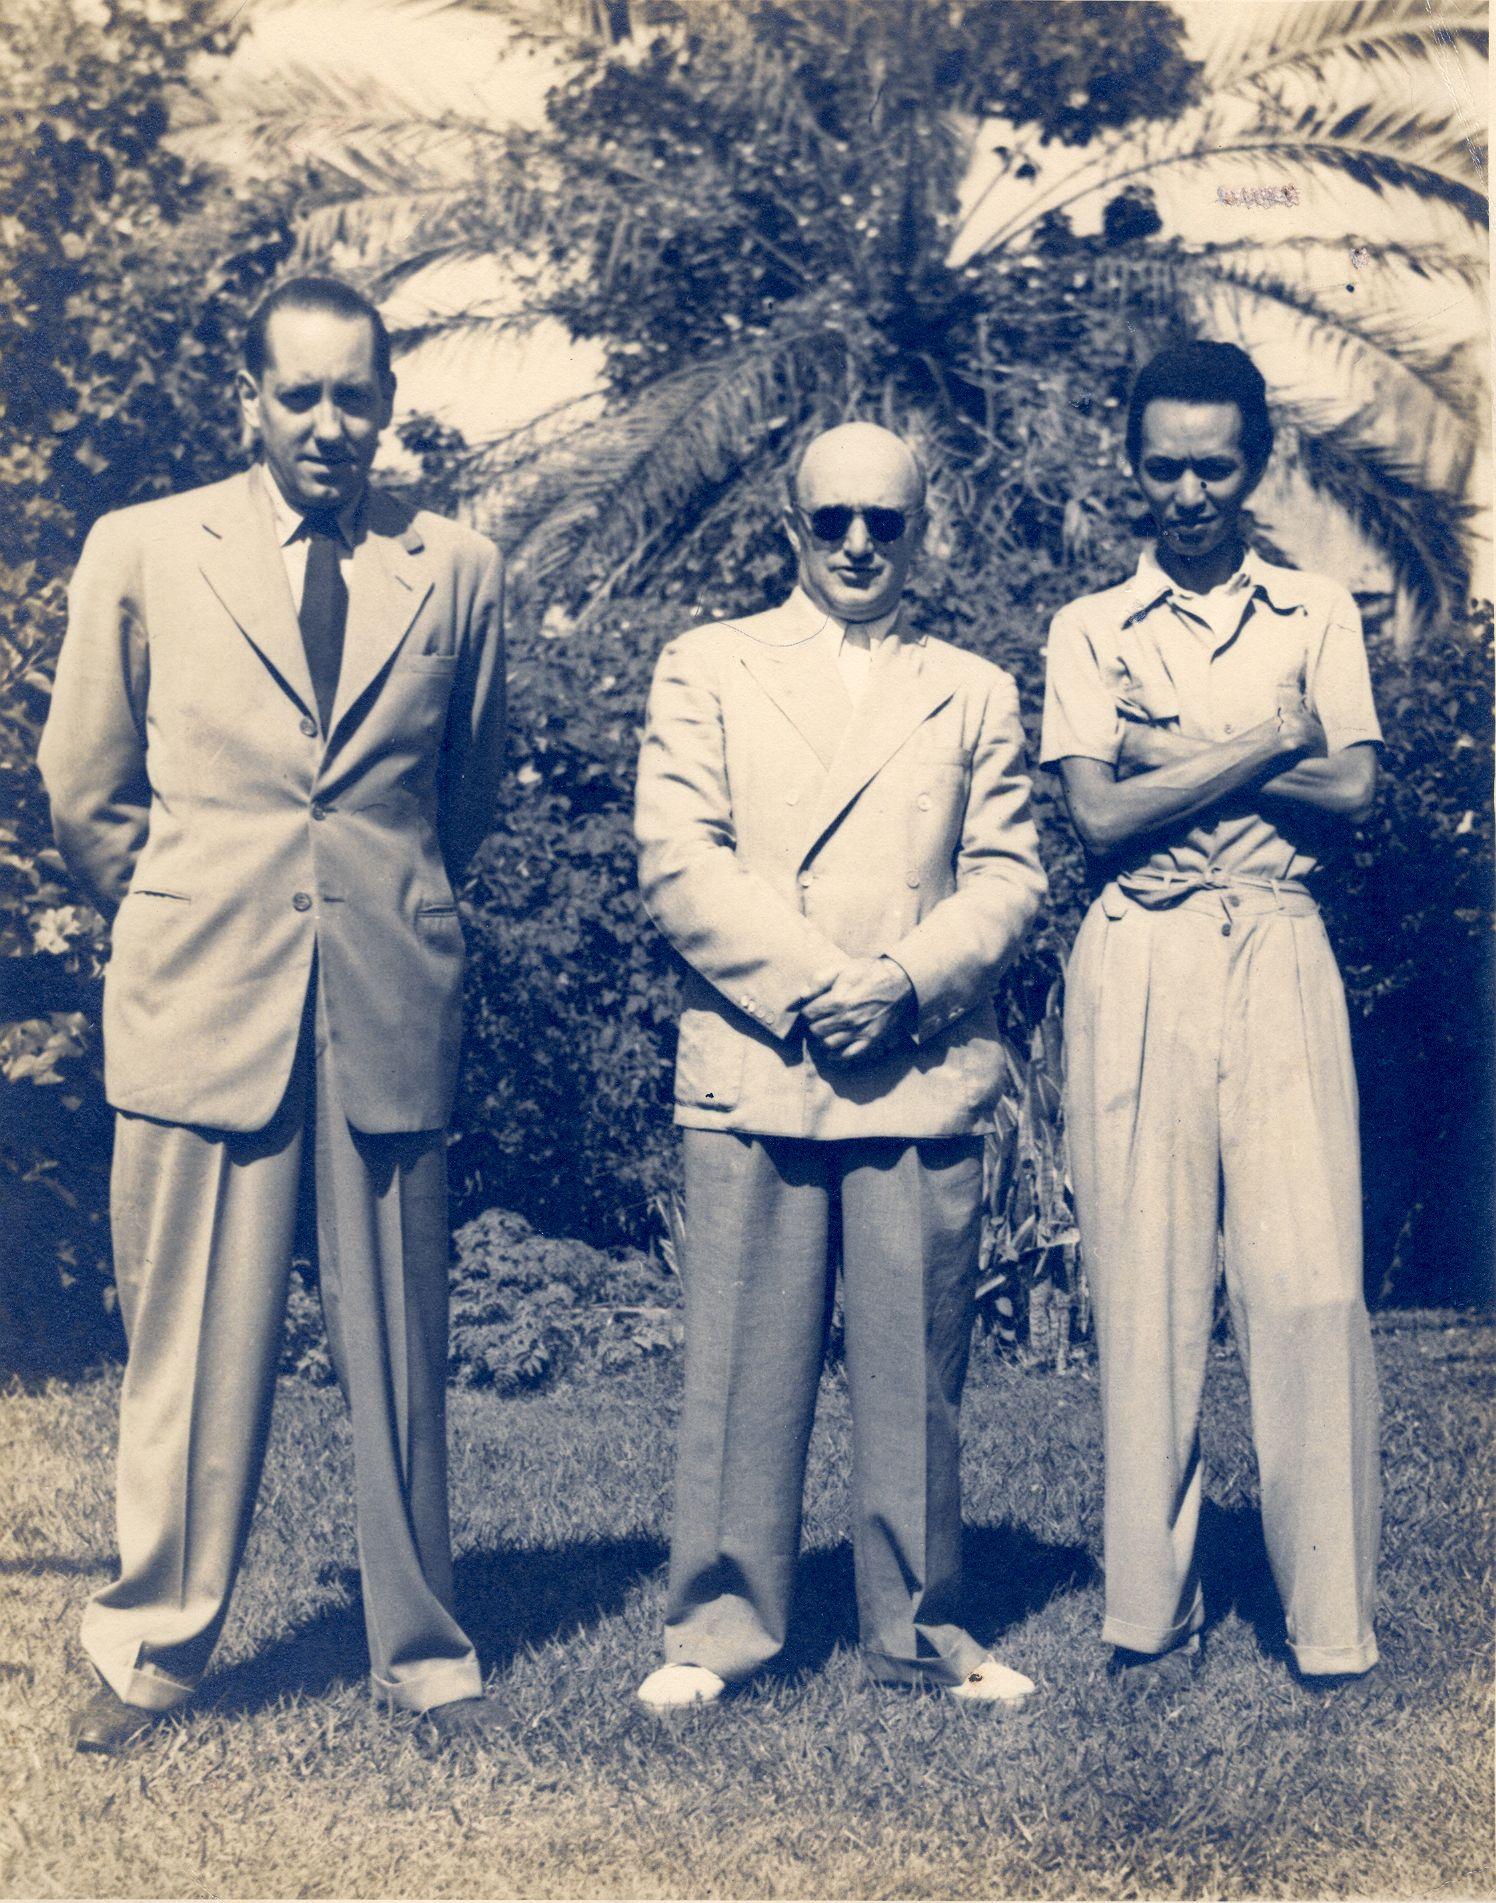 Carpentier, Erich Kleiber y Wifredo Lam en La Habana, 1943